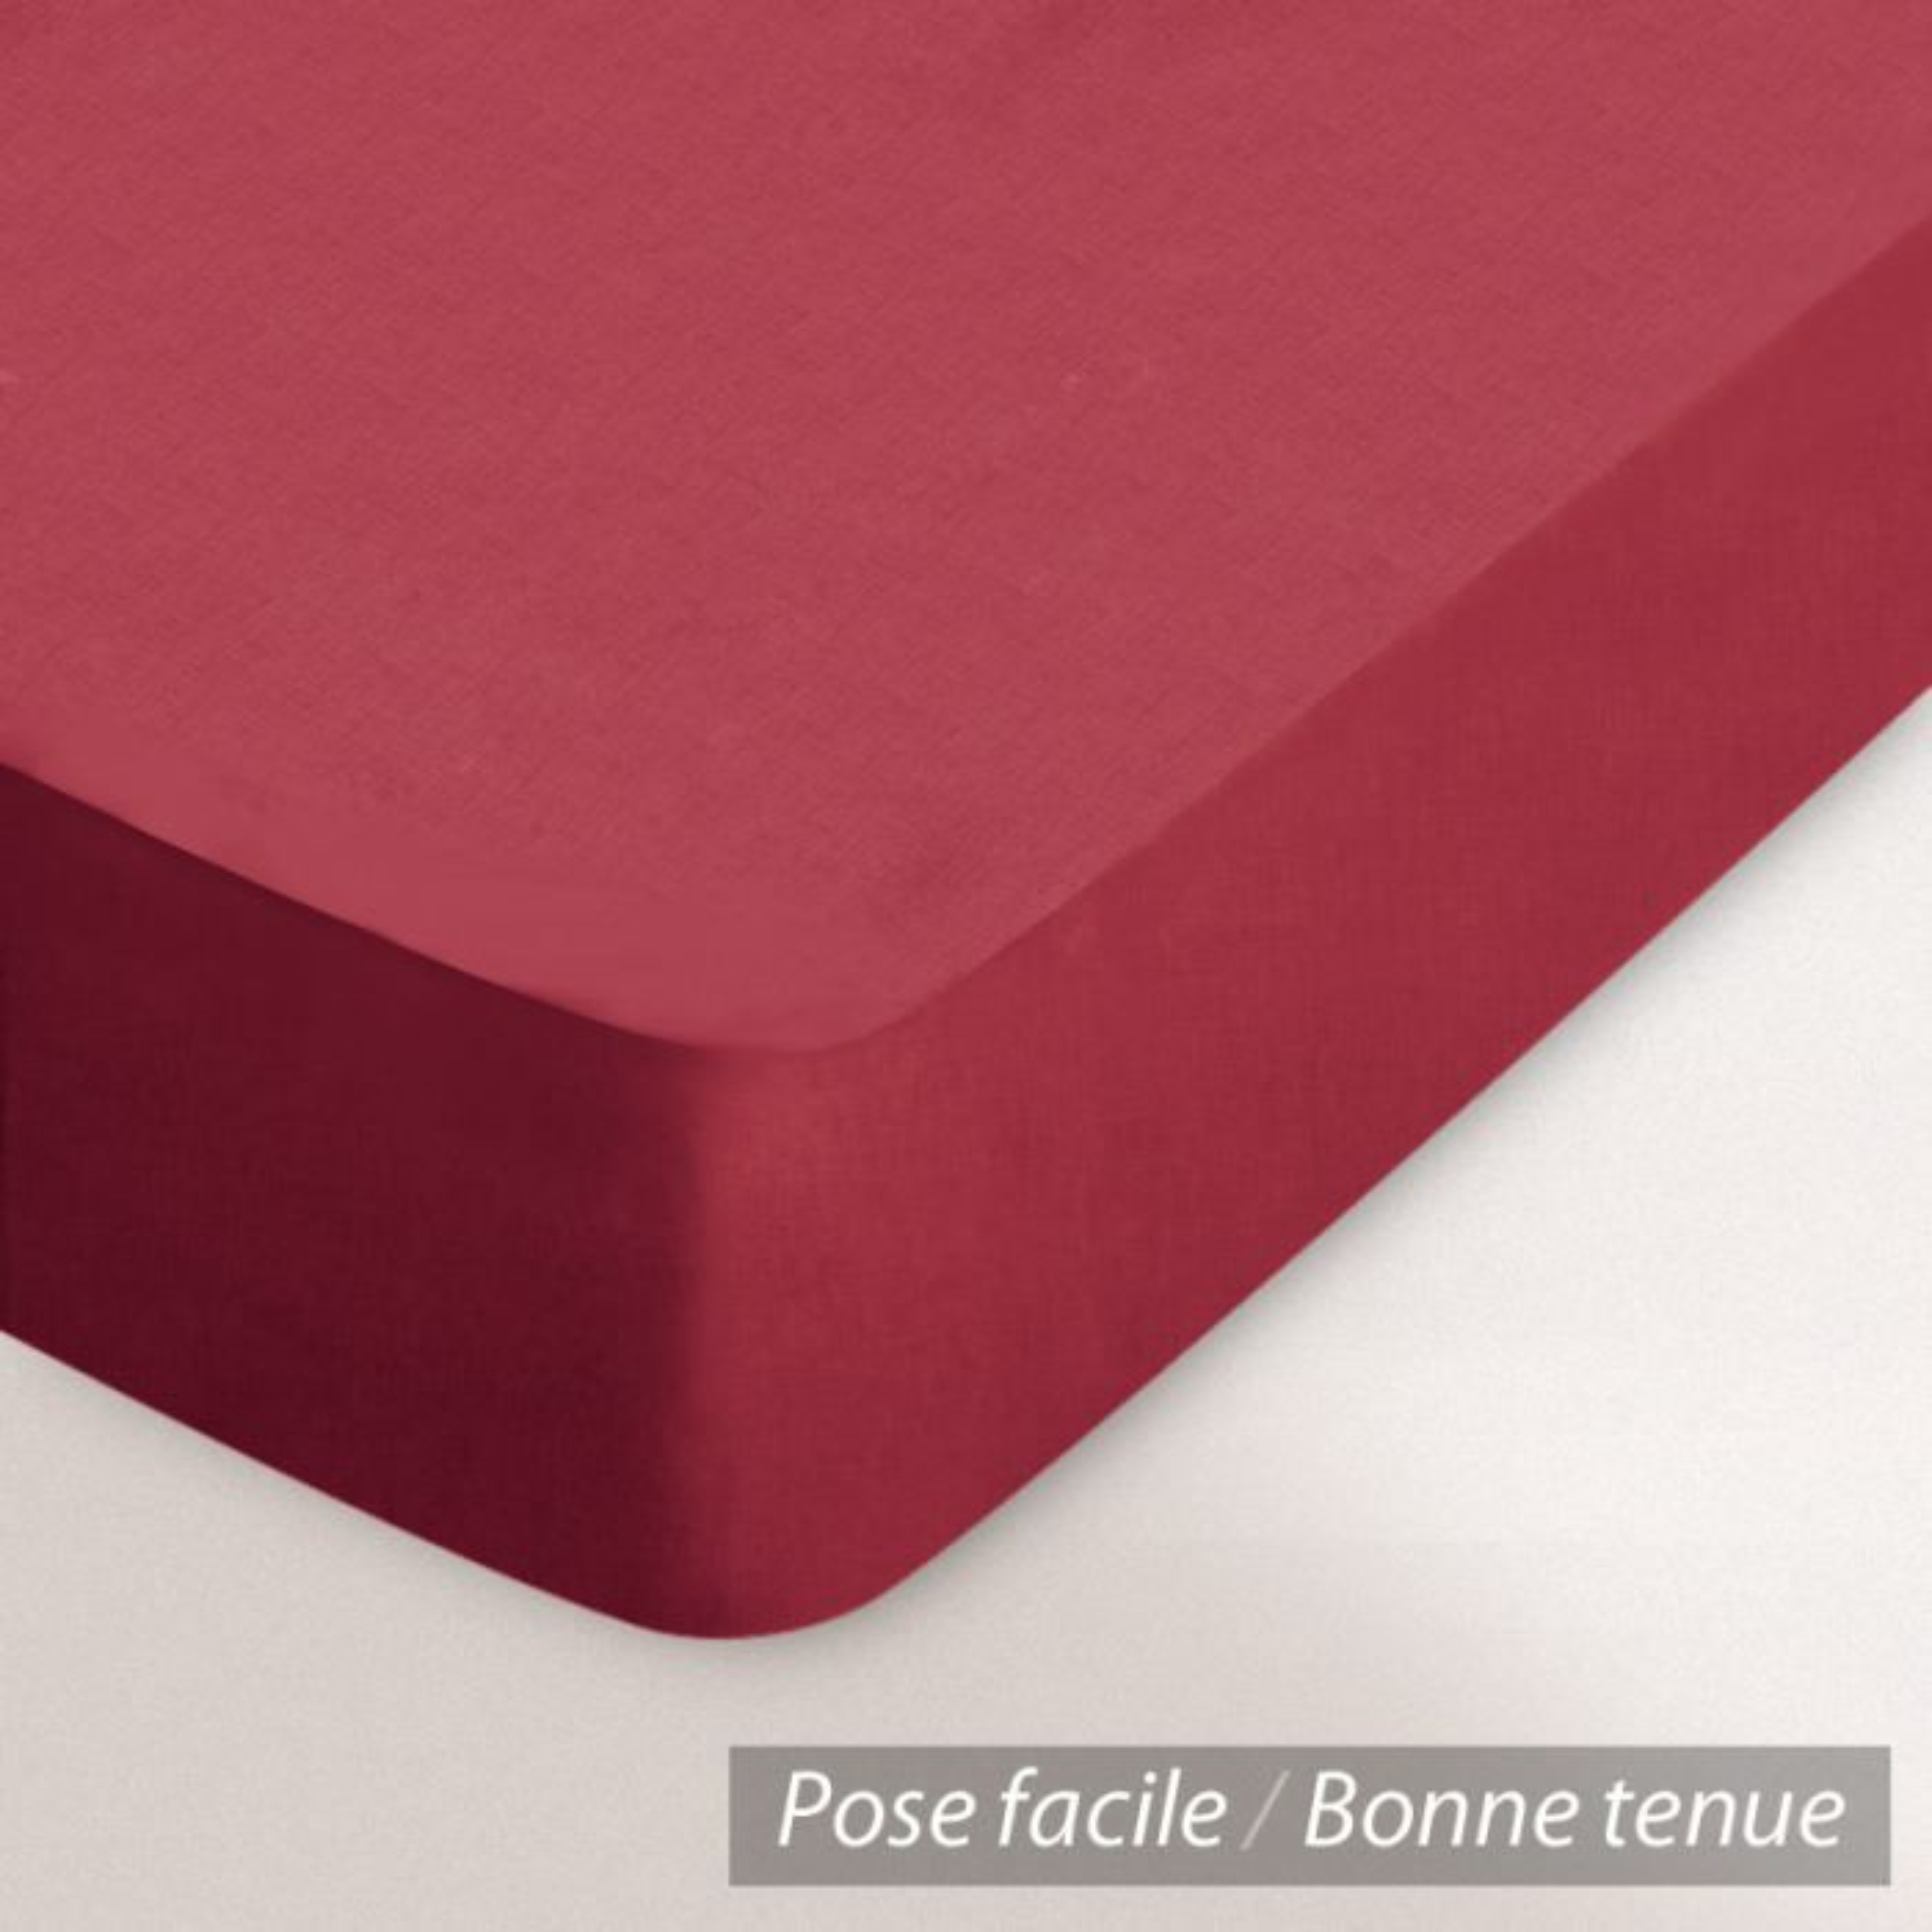 drap housse coton 140x200 garance achat vente drap housse cdiscount. Black Bedroom Furniture Sets. Home Design Ideas